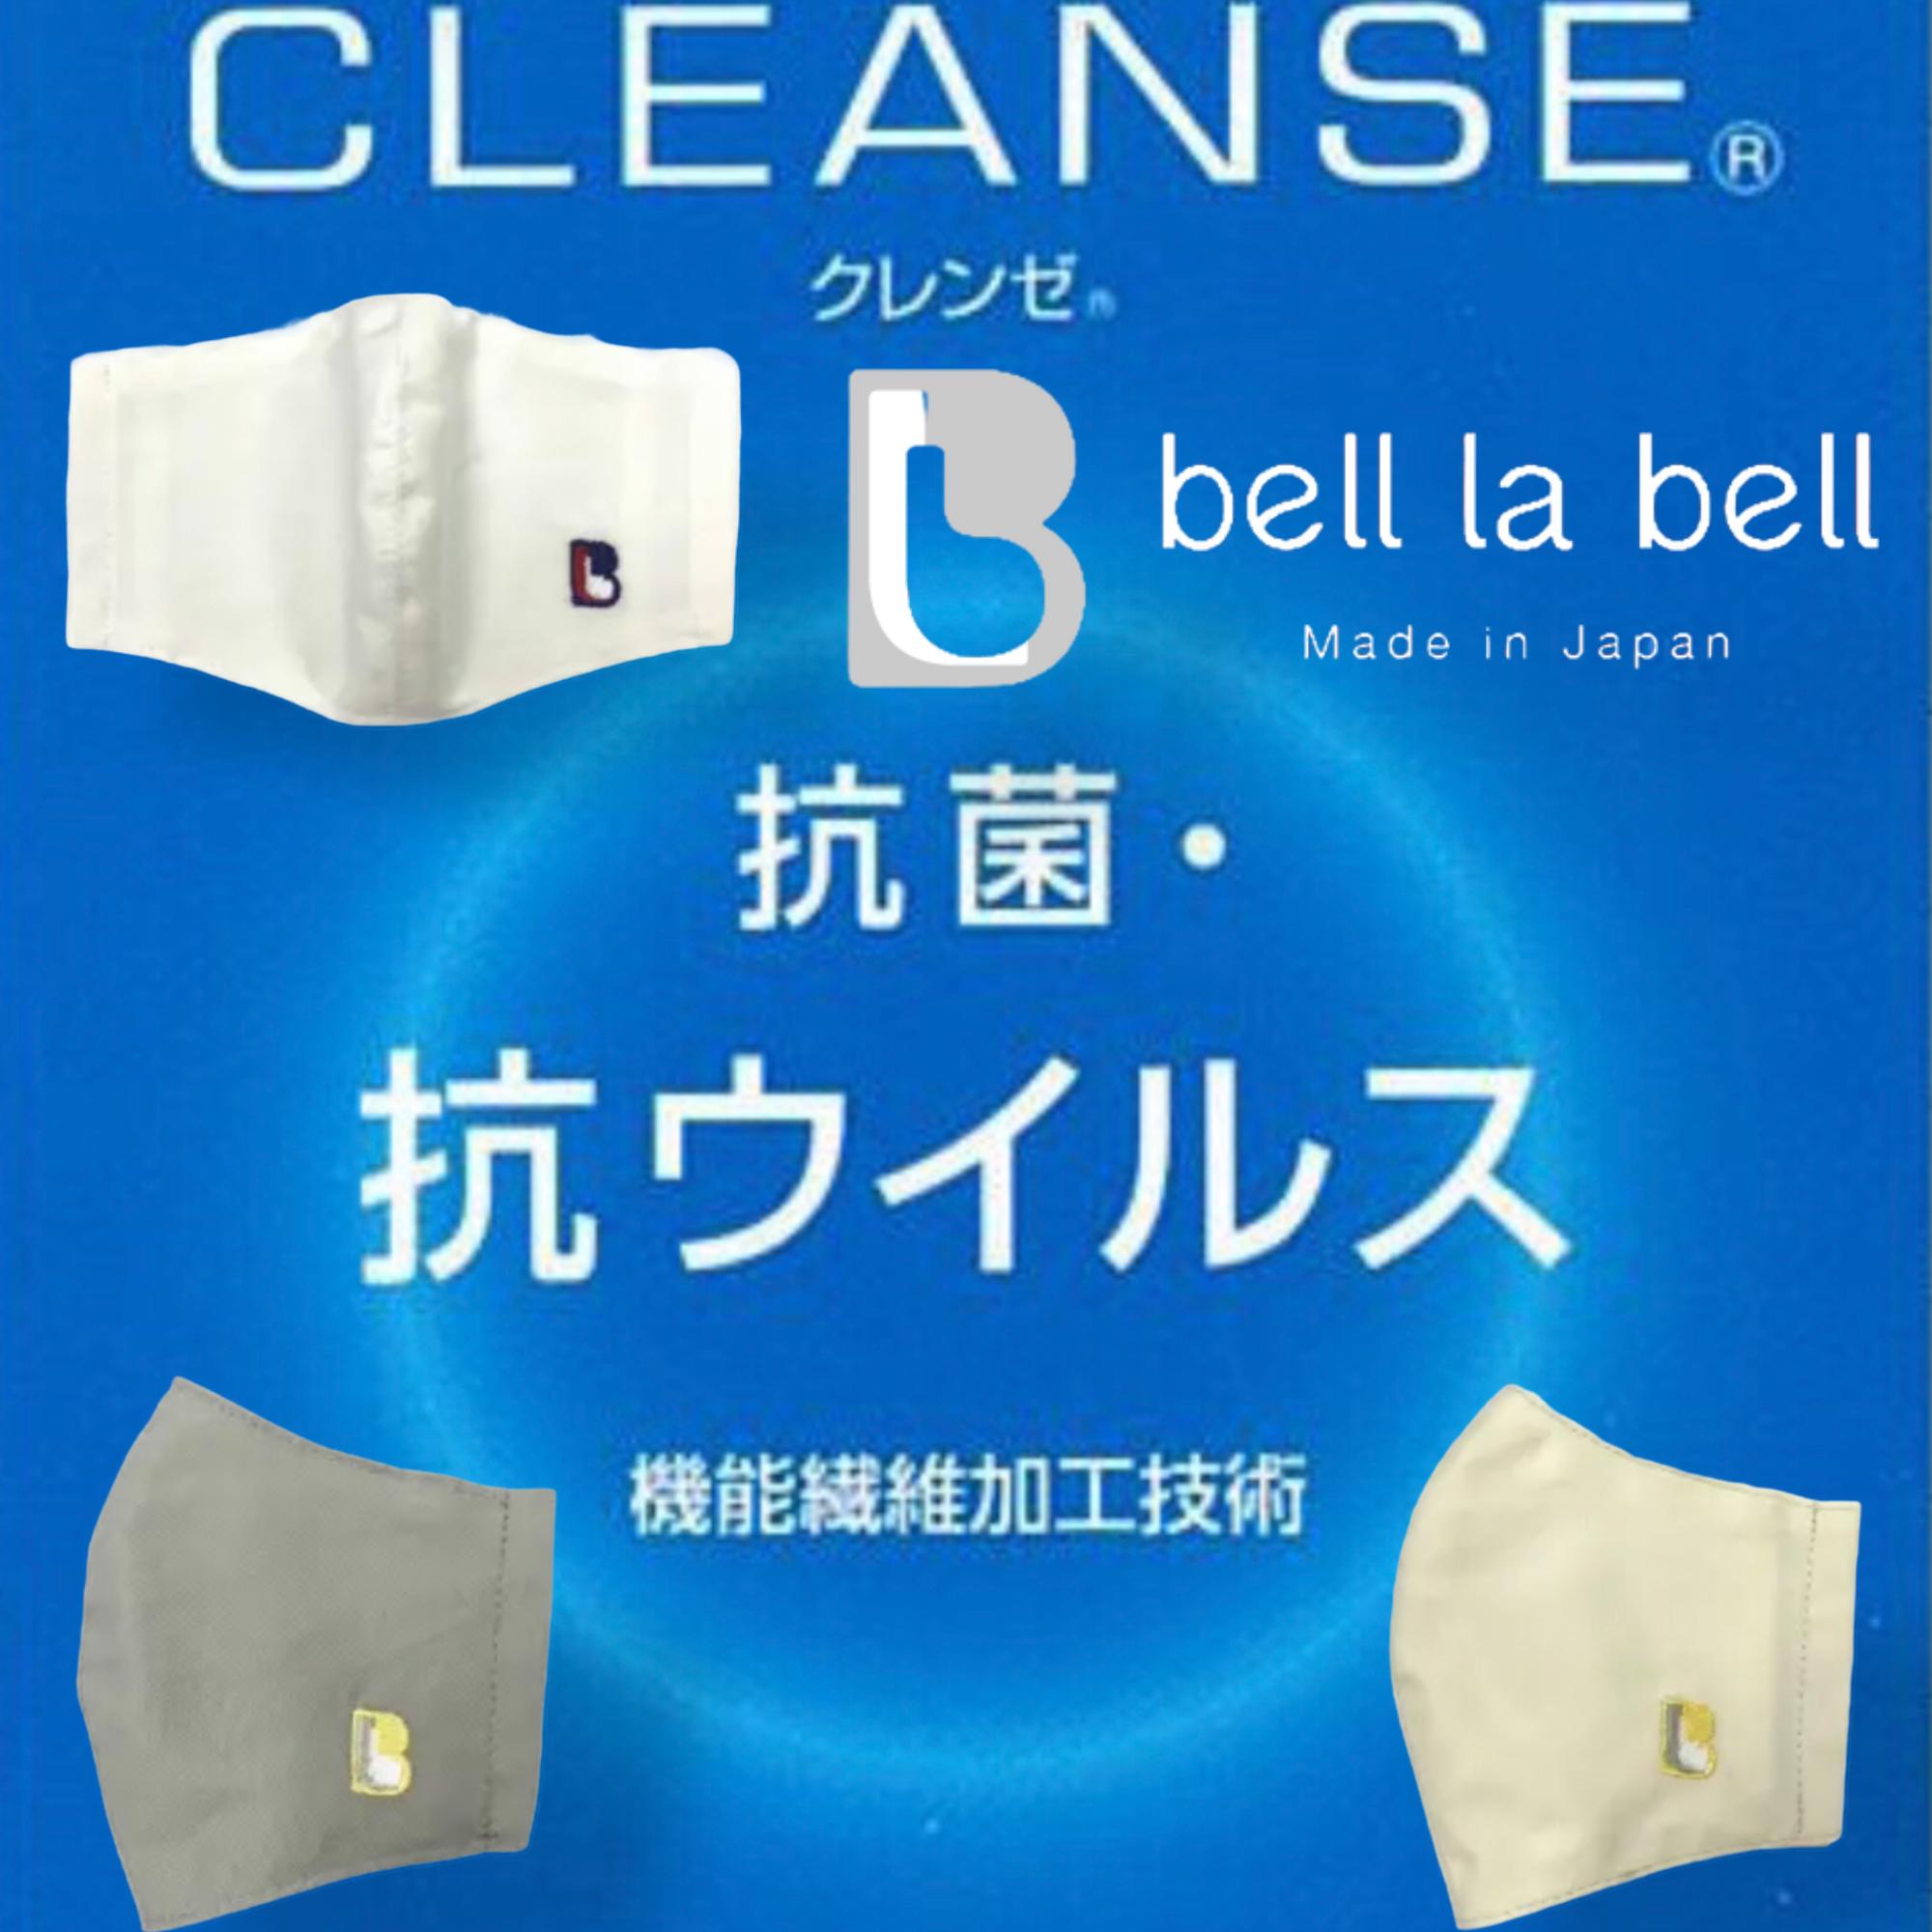 洗える CLEANSE クレンゼ お肌にやさしい コットン マスク